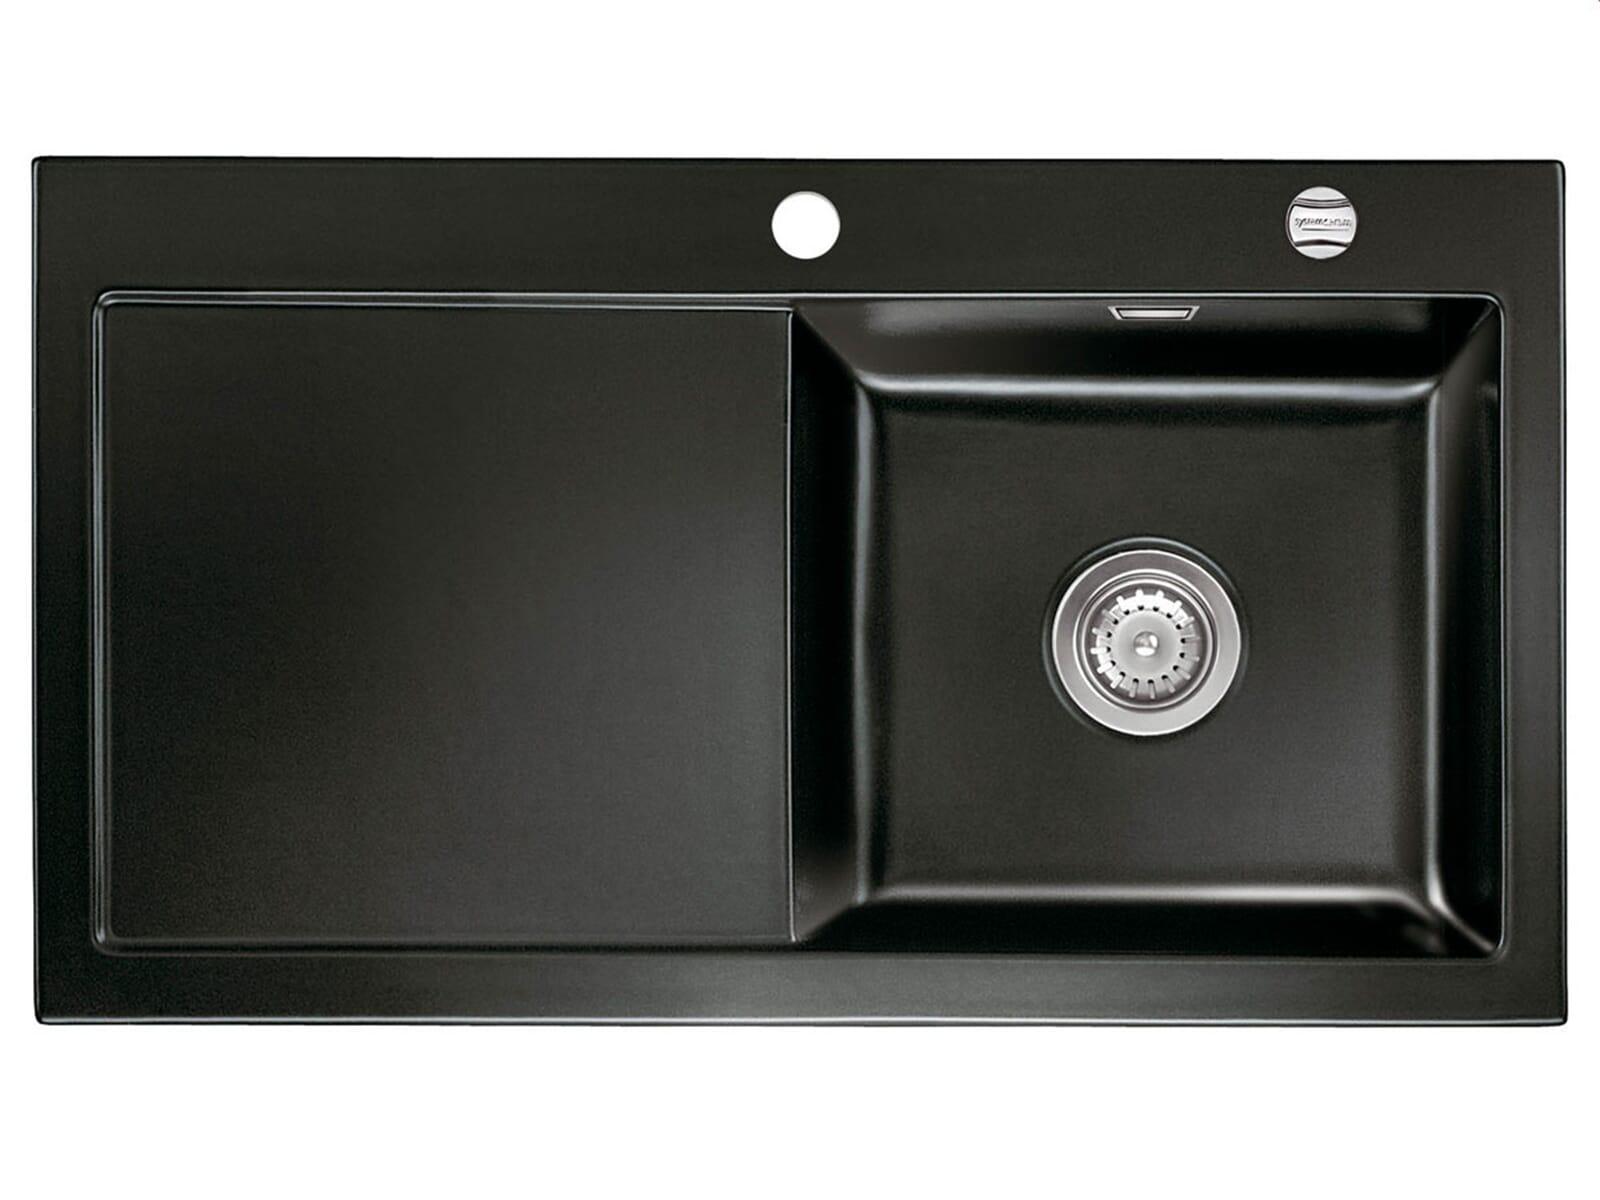 systemceram mera 90 nero keramik sp le auflagesp le schwarz sp ltisch sp lbecken ebay. Black Bedroom Furniture Sets. Home Design Ideas